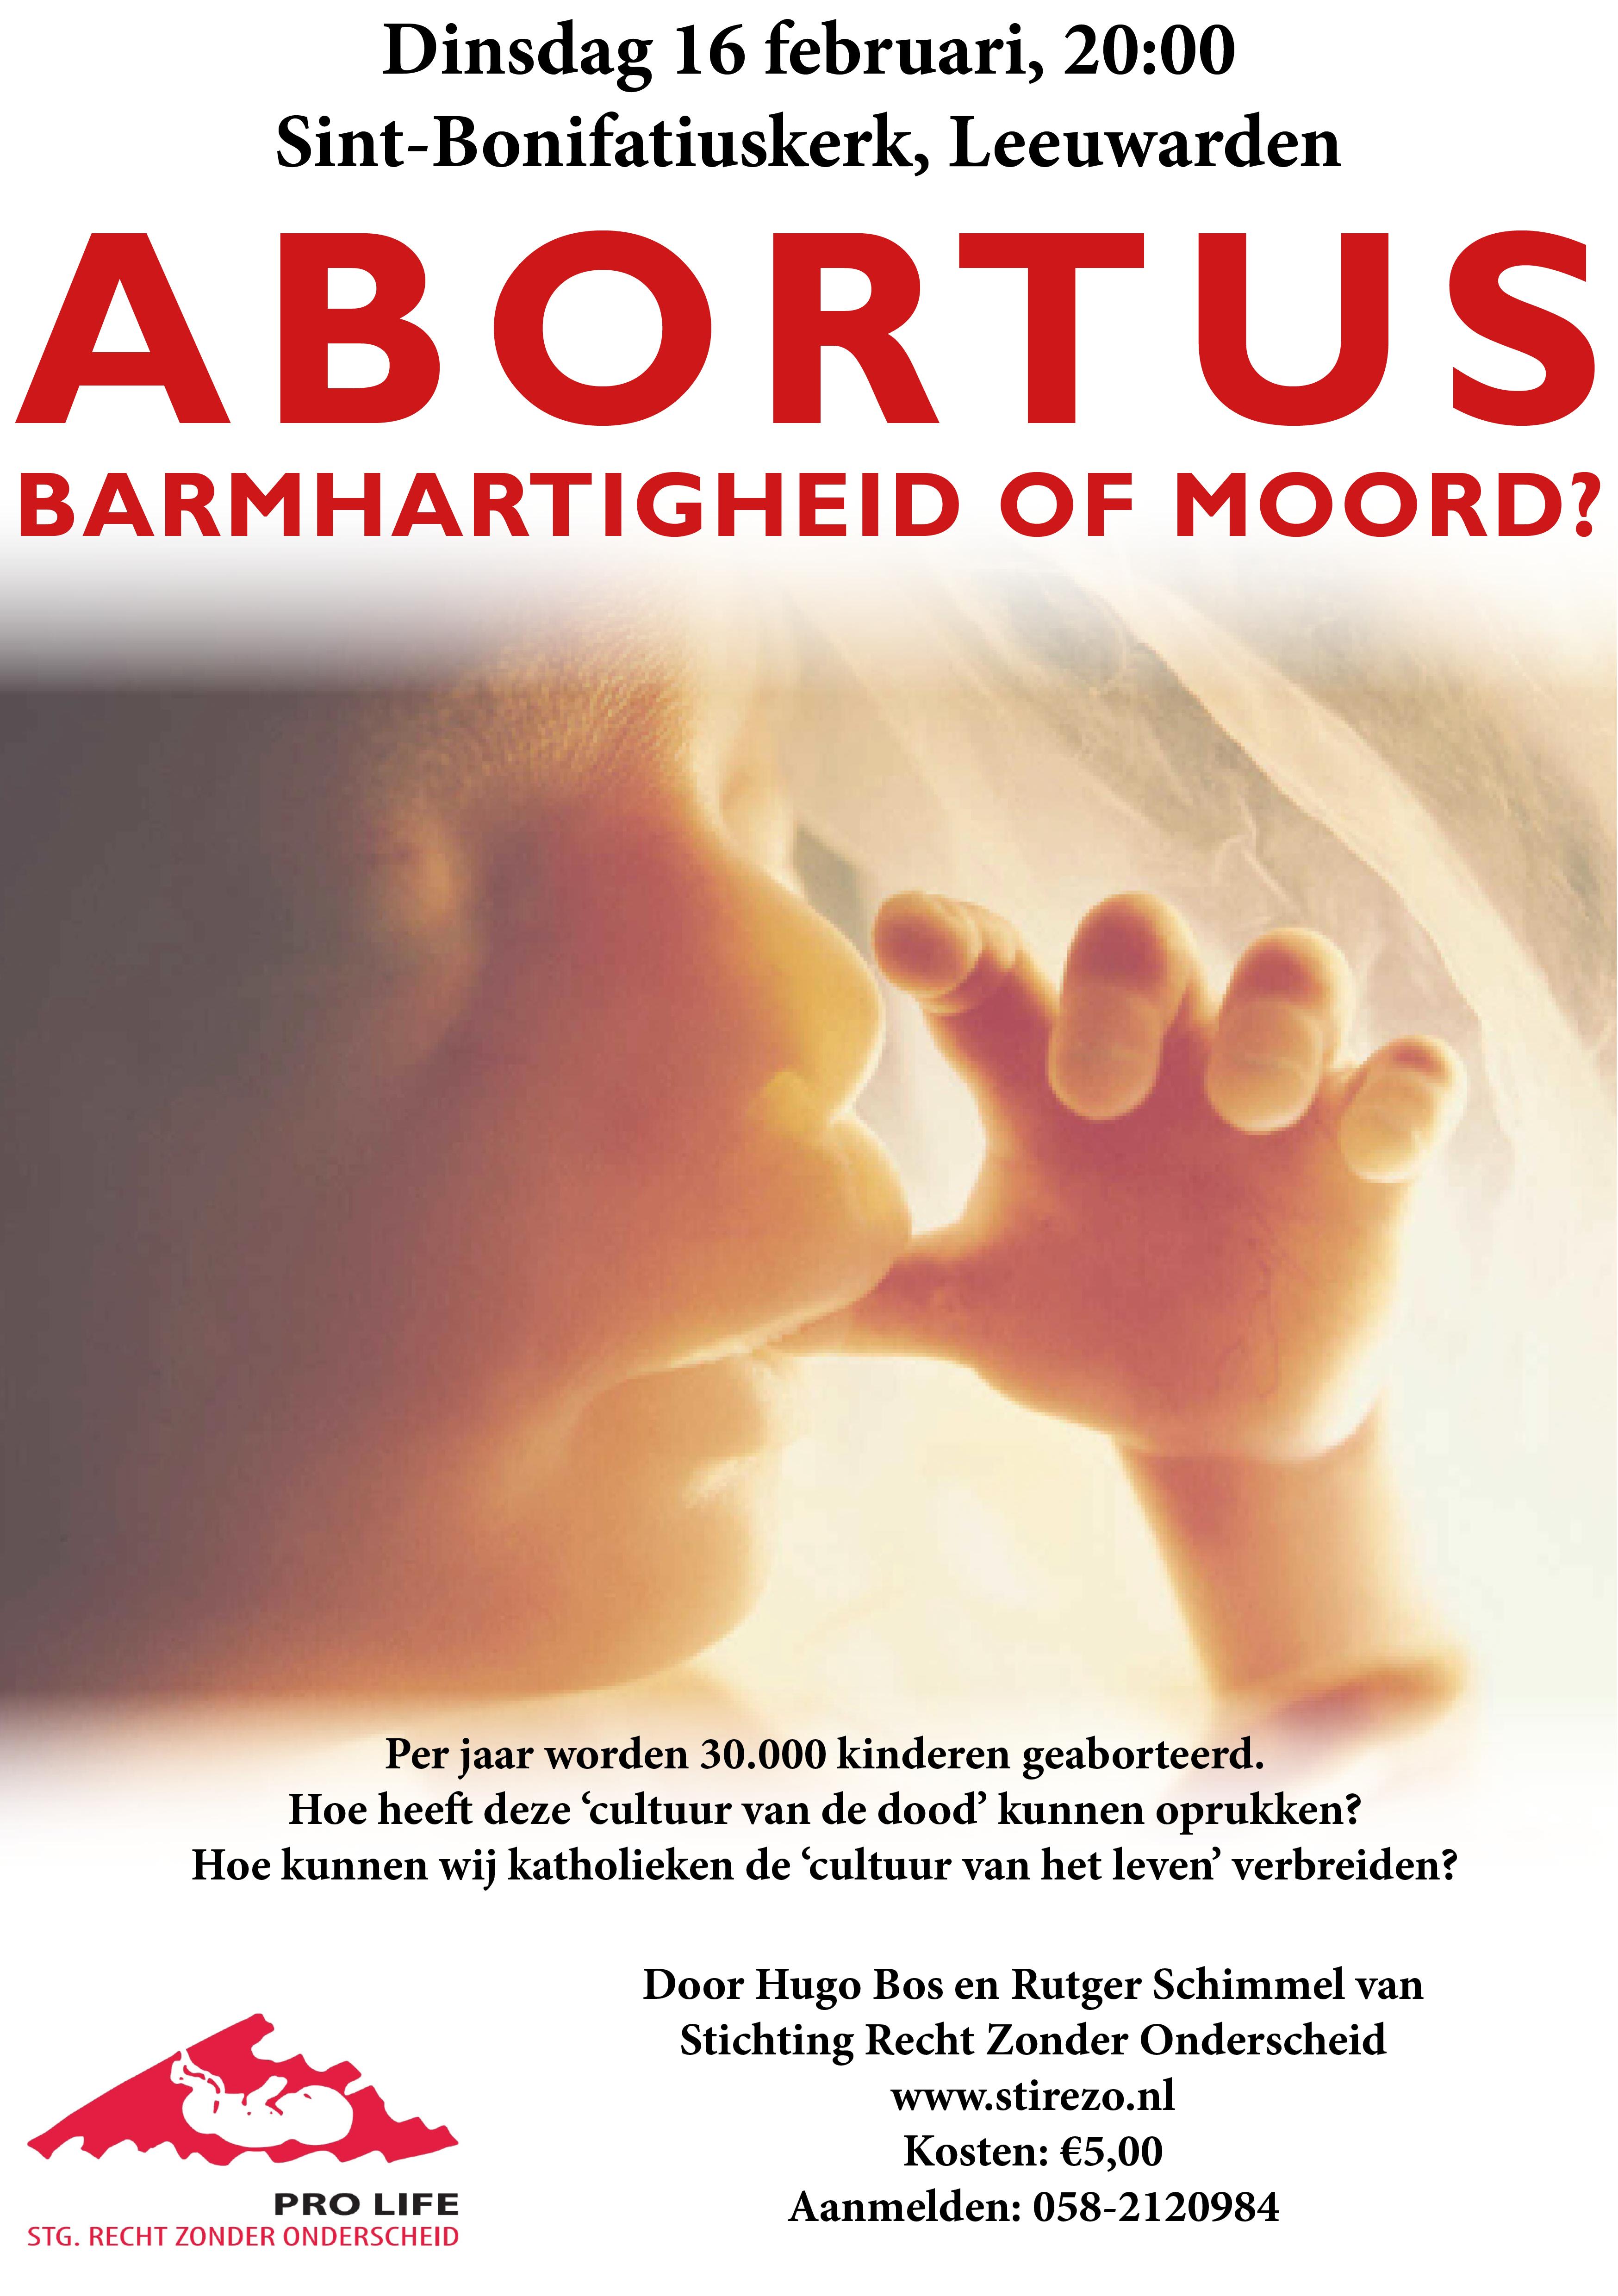 16 februari in Leeuwarden: Stirezo-presentatie over abortus